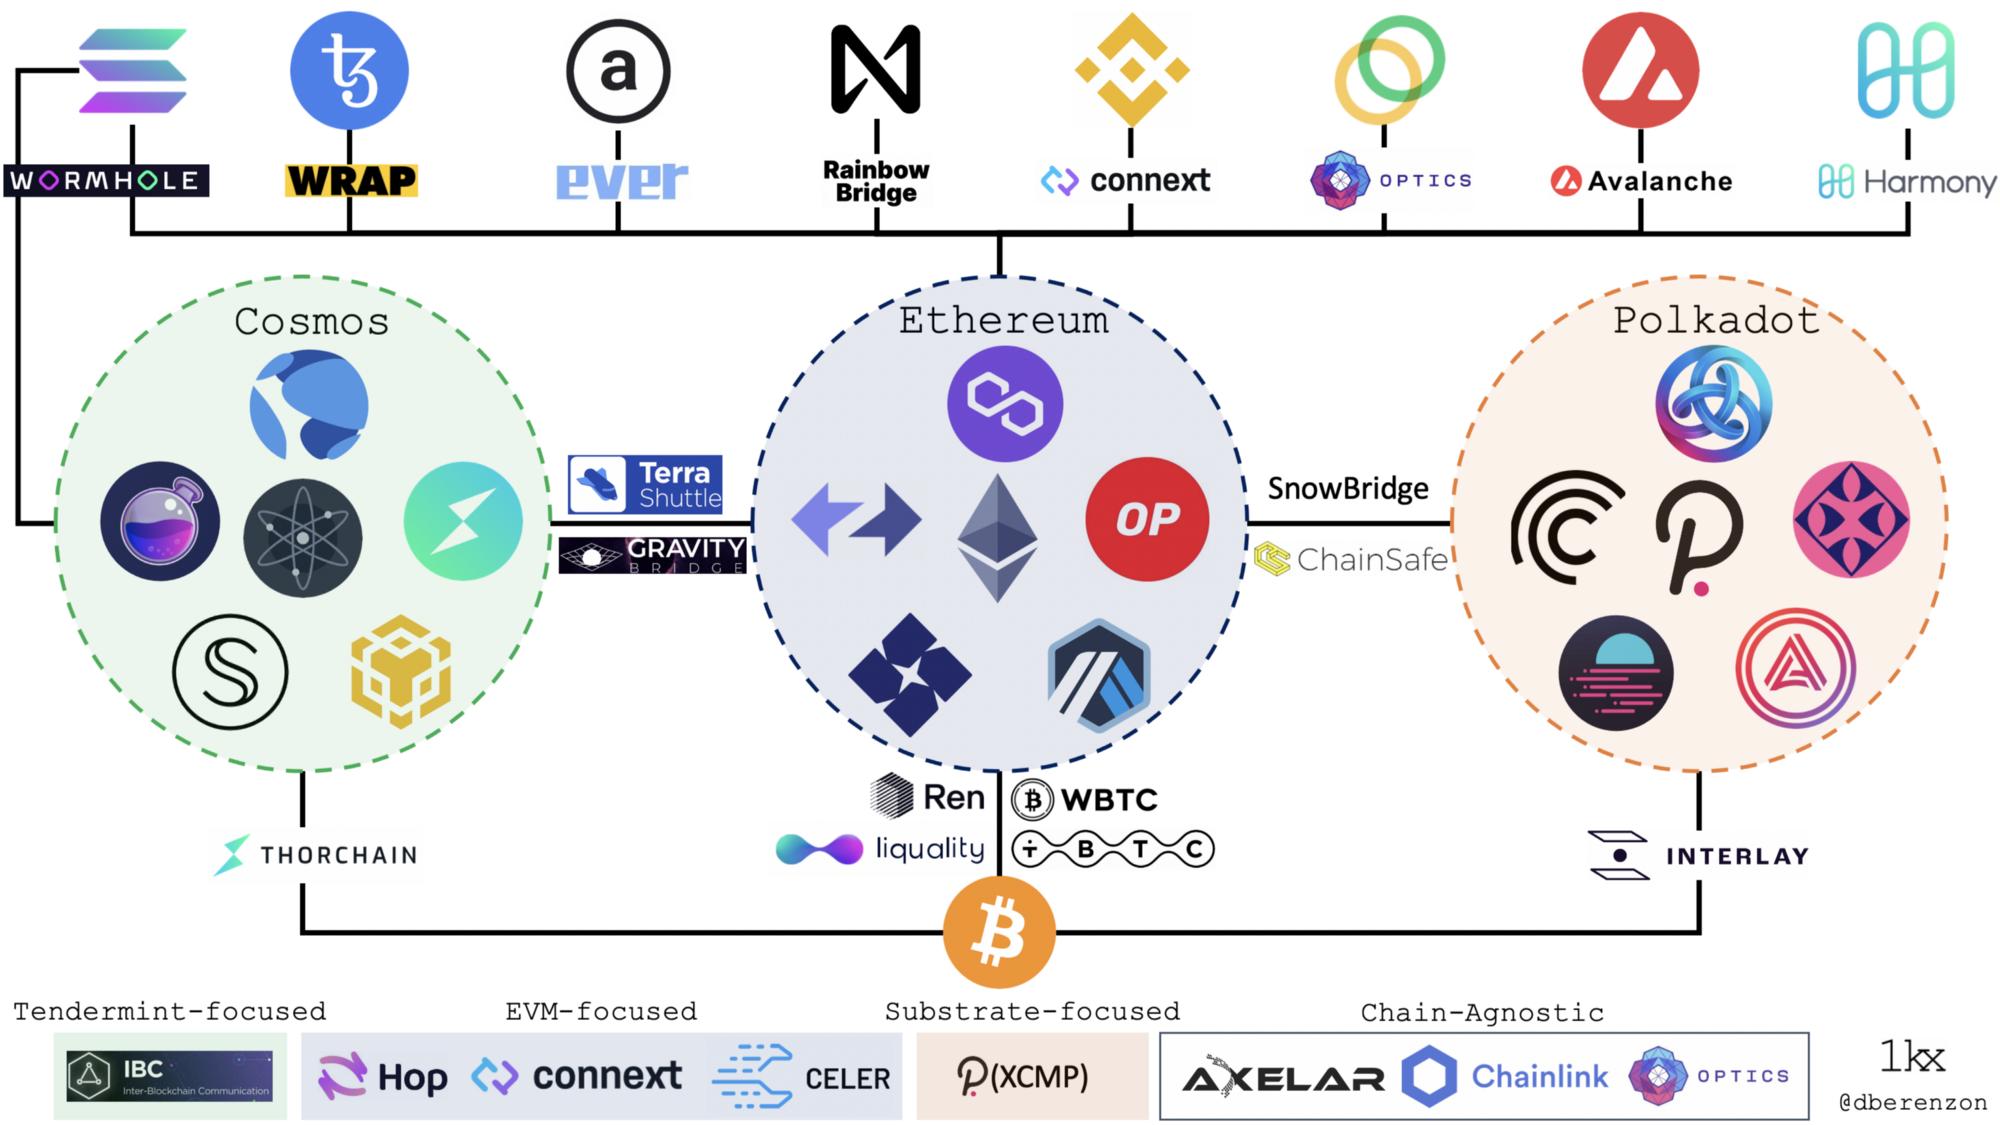 多链趋势下,paradigm如何看跨链桥的发展?